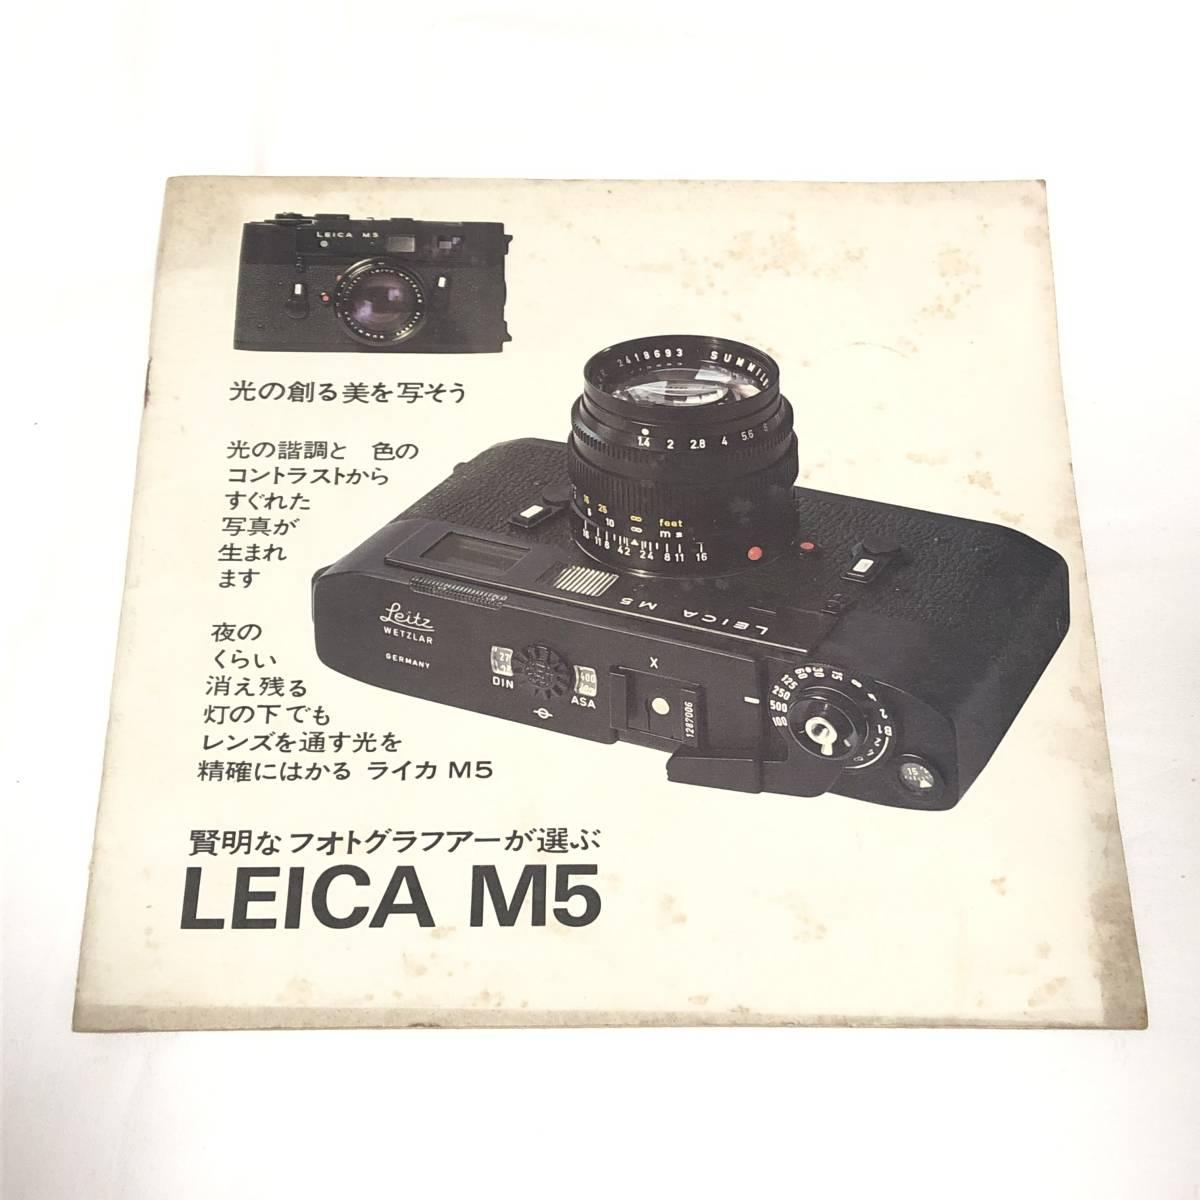 ◆ライカ LEICA ライツ Leitz カメラ レンズ カタログ M3 M5 elmar summicron summilux _画像2